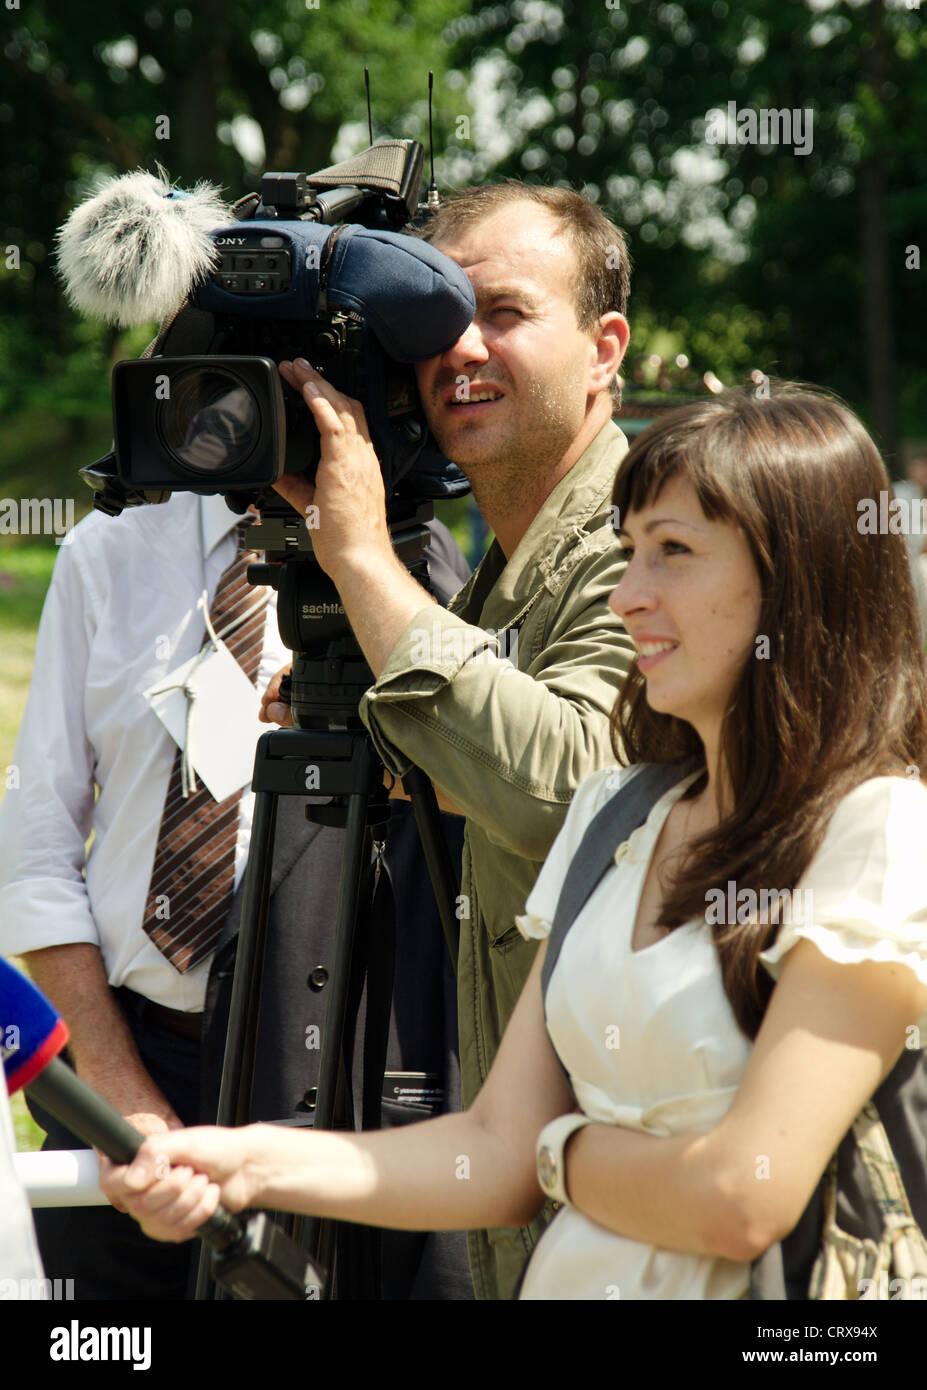 El camarógrafo y corresponsal Imagen De Stock